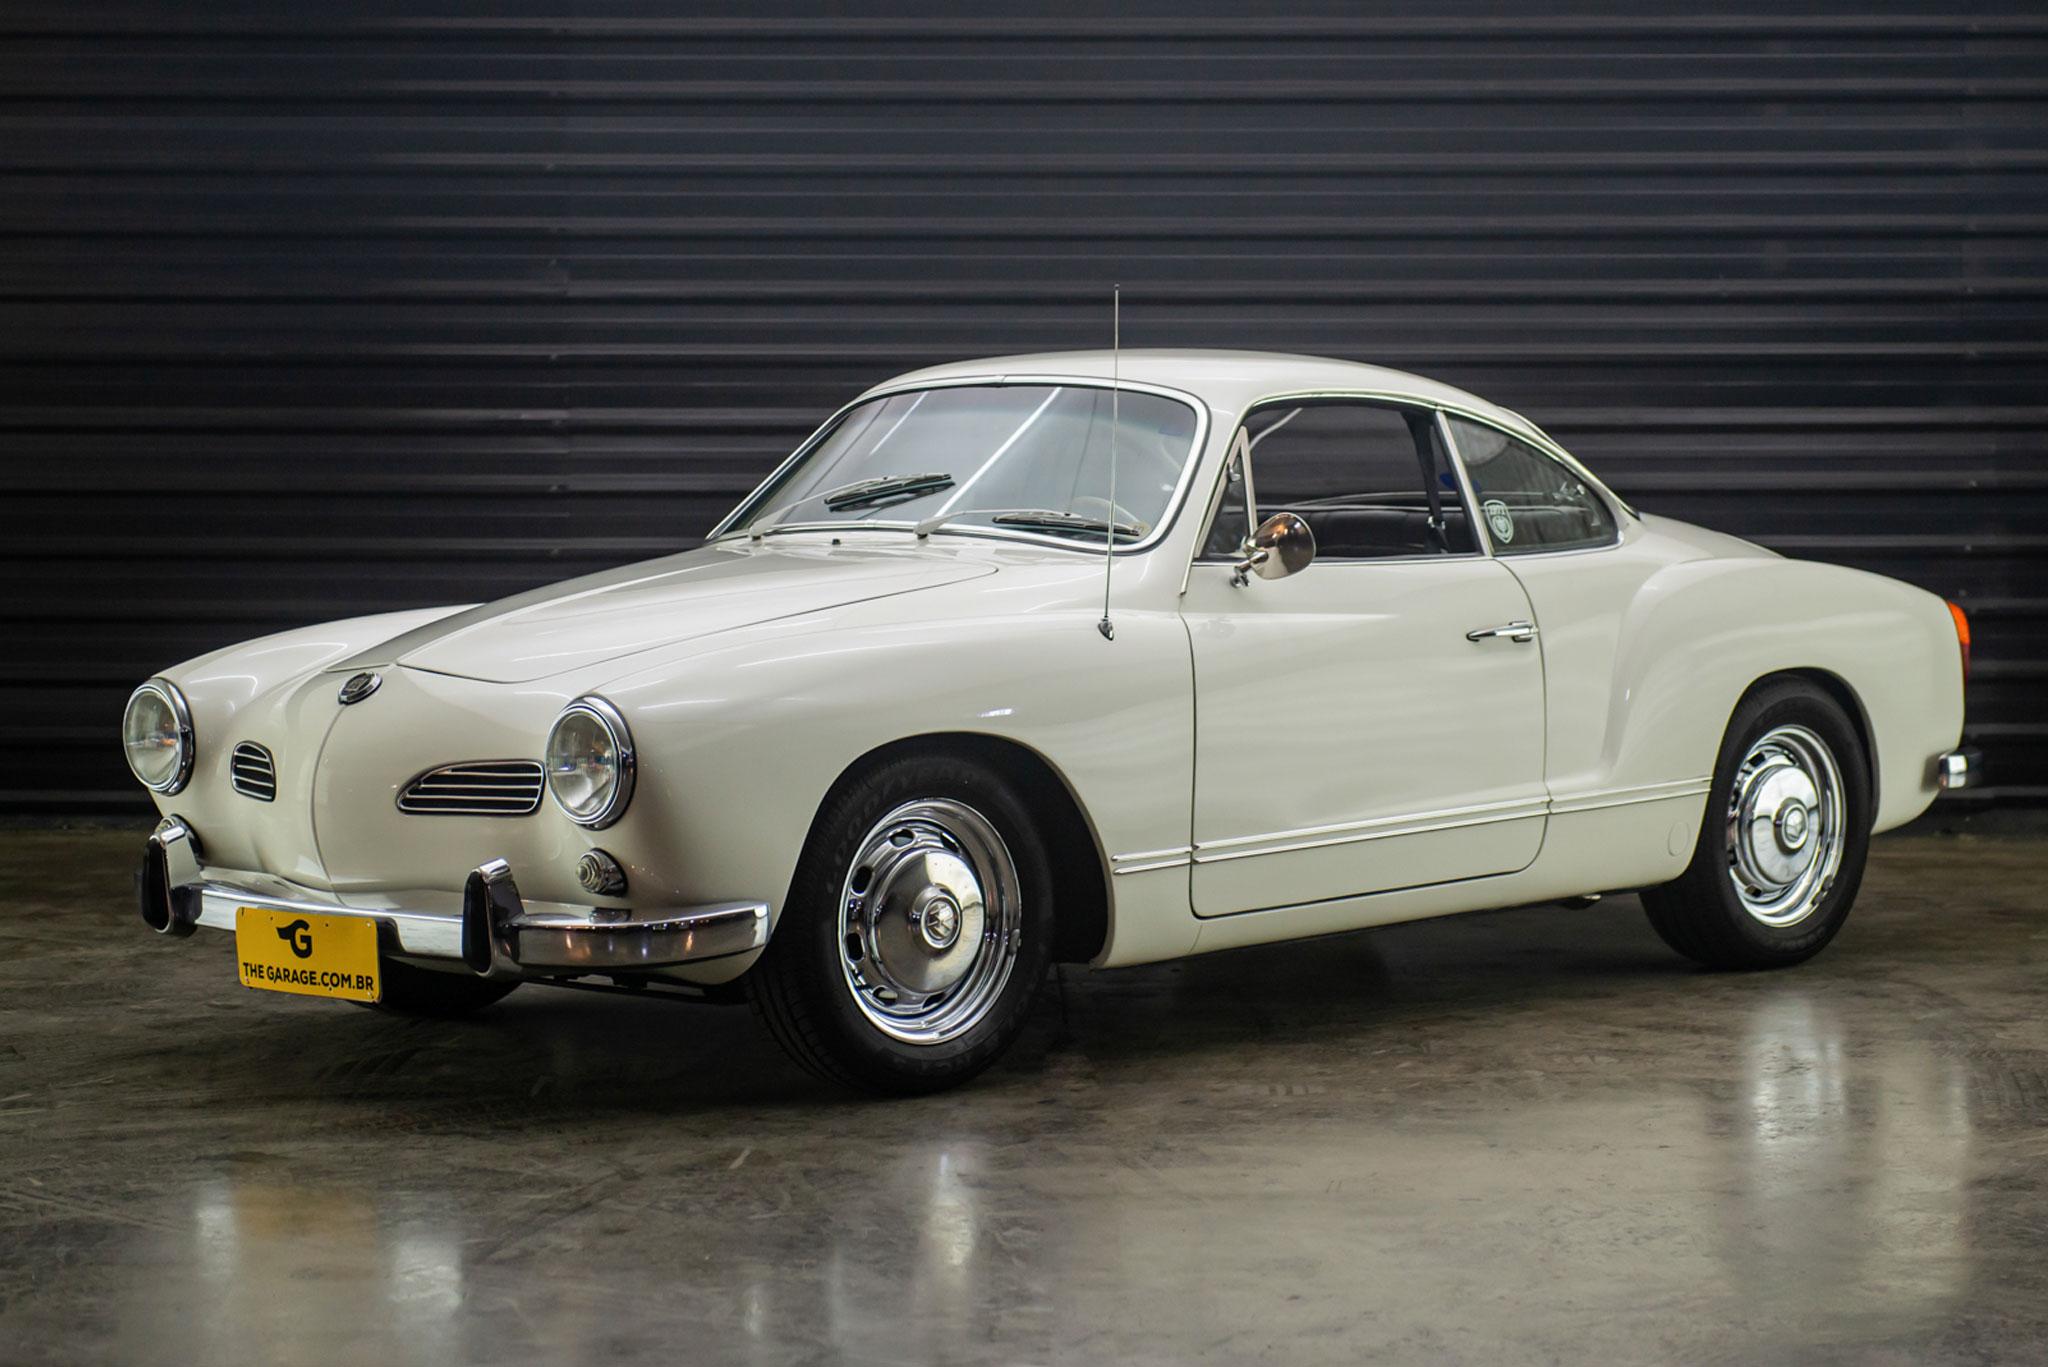 1971-VW-Karmann-Ghia-coupe-a-venda-sao-paulo-sp-for-sale-the-garage-classicos-a-melhor-loja-de-carros-antigos-acervo-de-carros--31